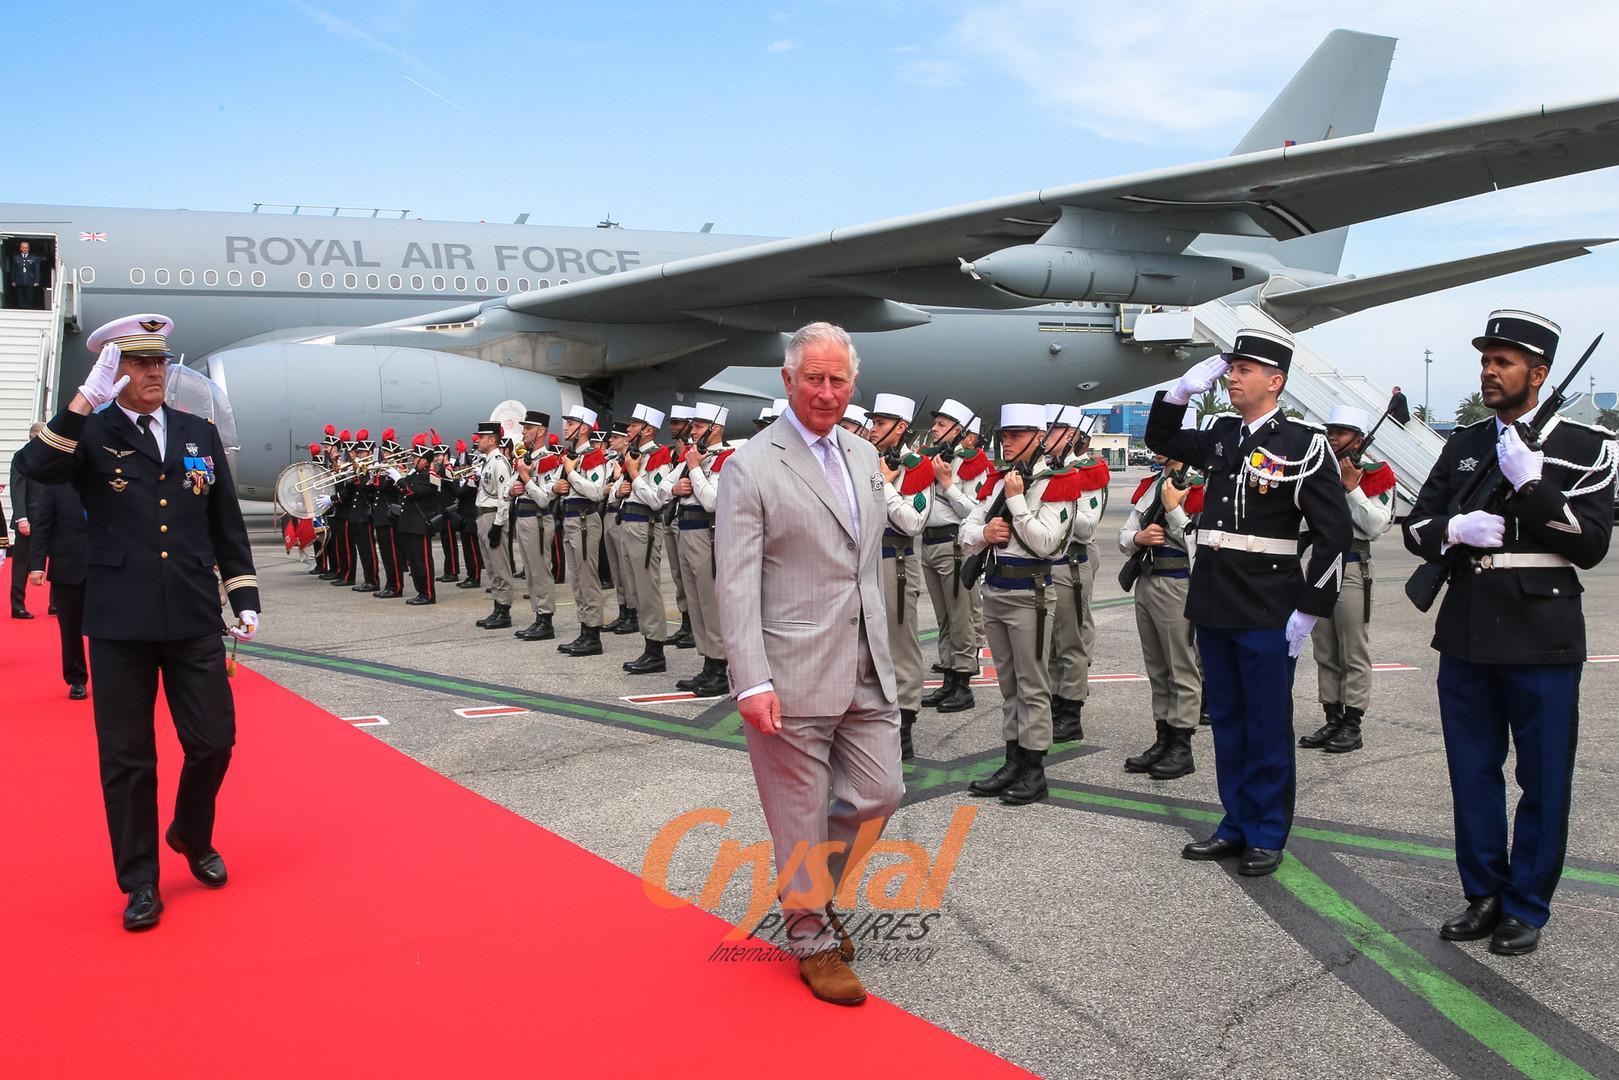 Charles et Camilla en visite officielle à Nice.